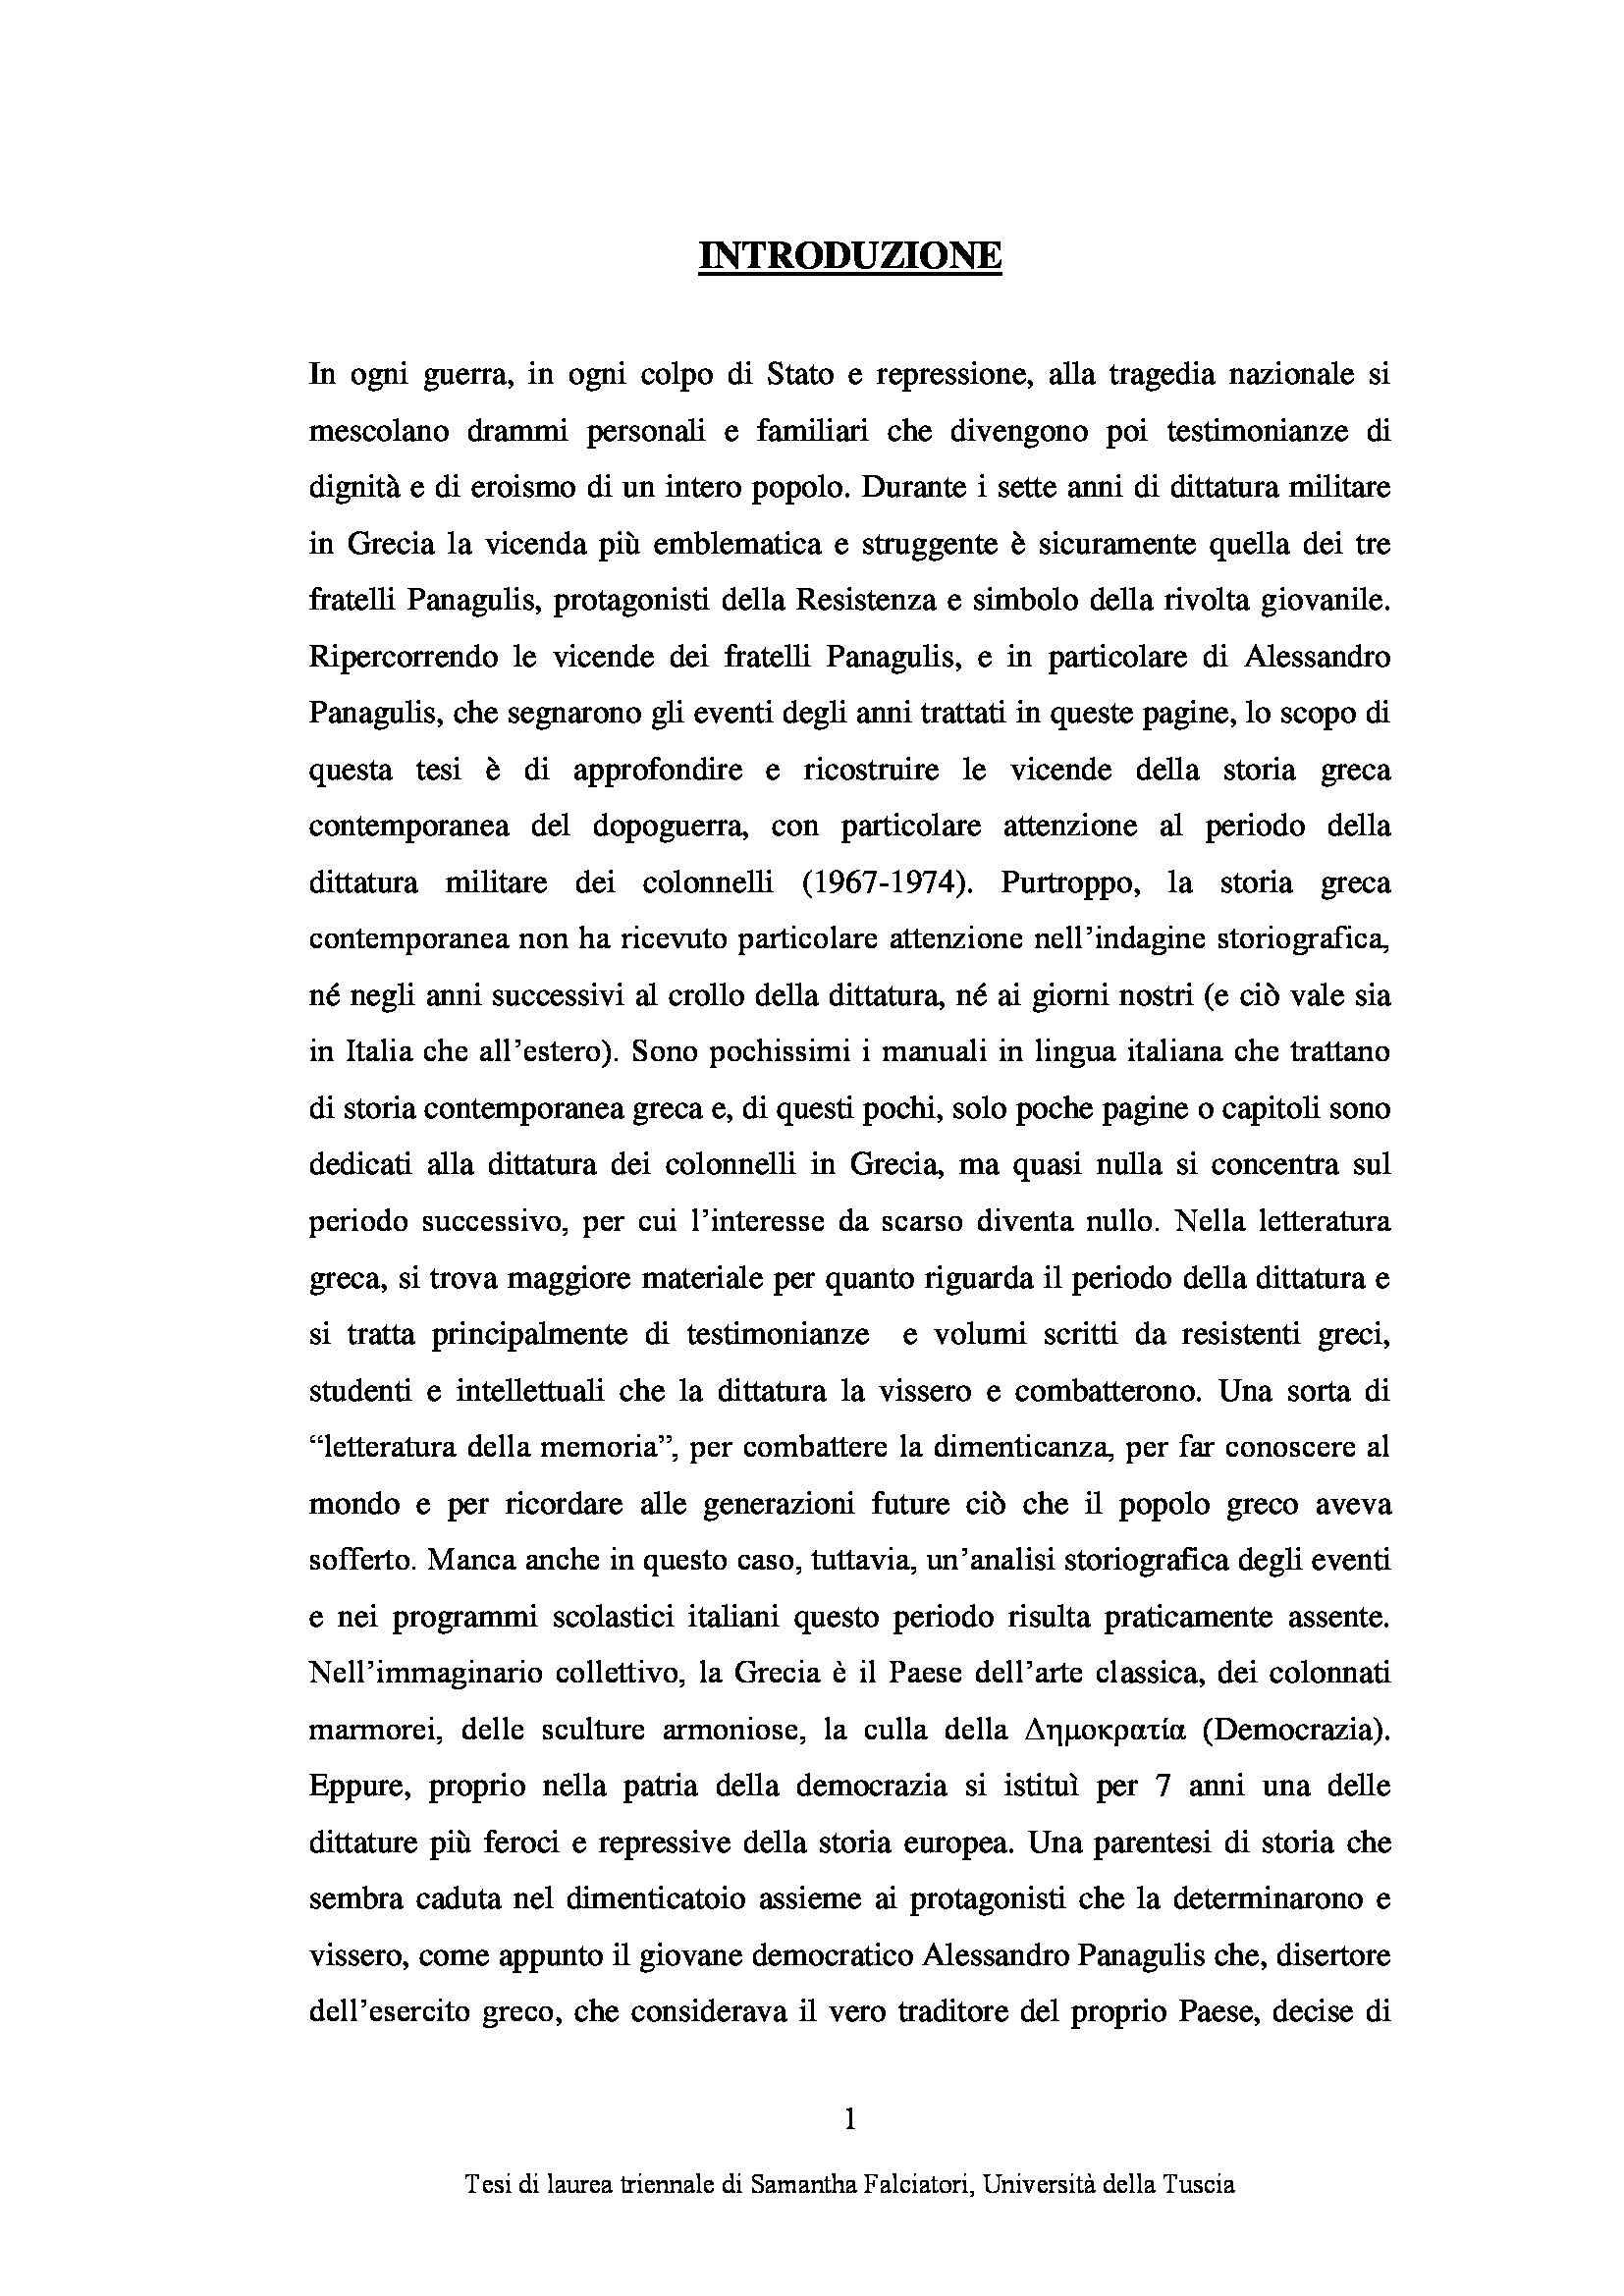 Tesi triennale - Alessandro Panagulis Pag. 6